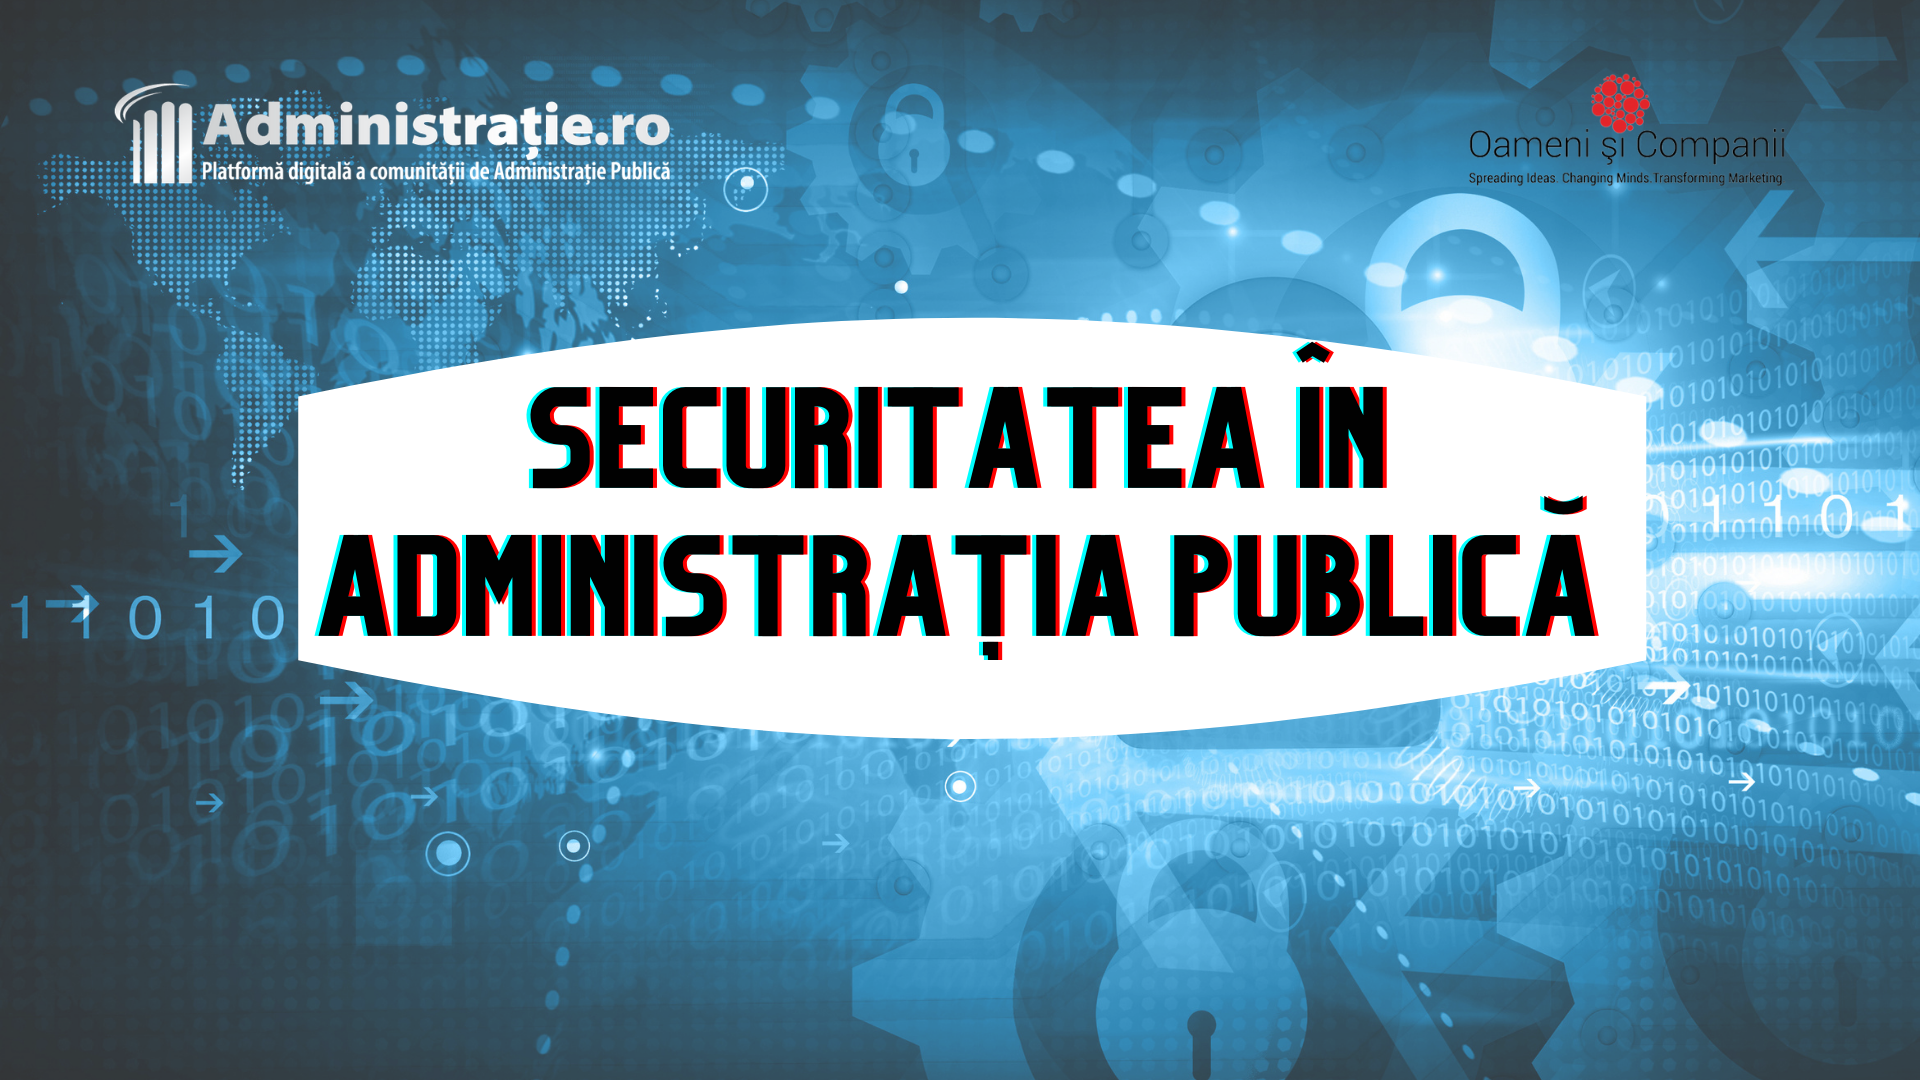 """Comunitatea OSC – Administrație/ITC: Peste 130 de specialiști au discutat despre """"Securitatea în administrația publică"""" în webinarul lunii mai"""